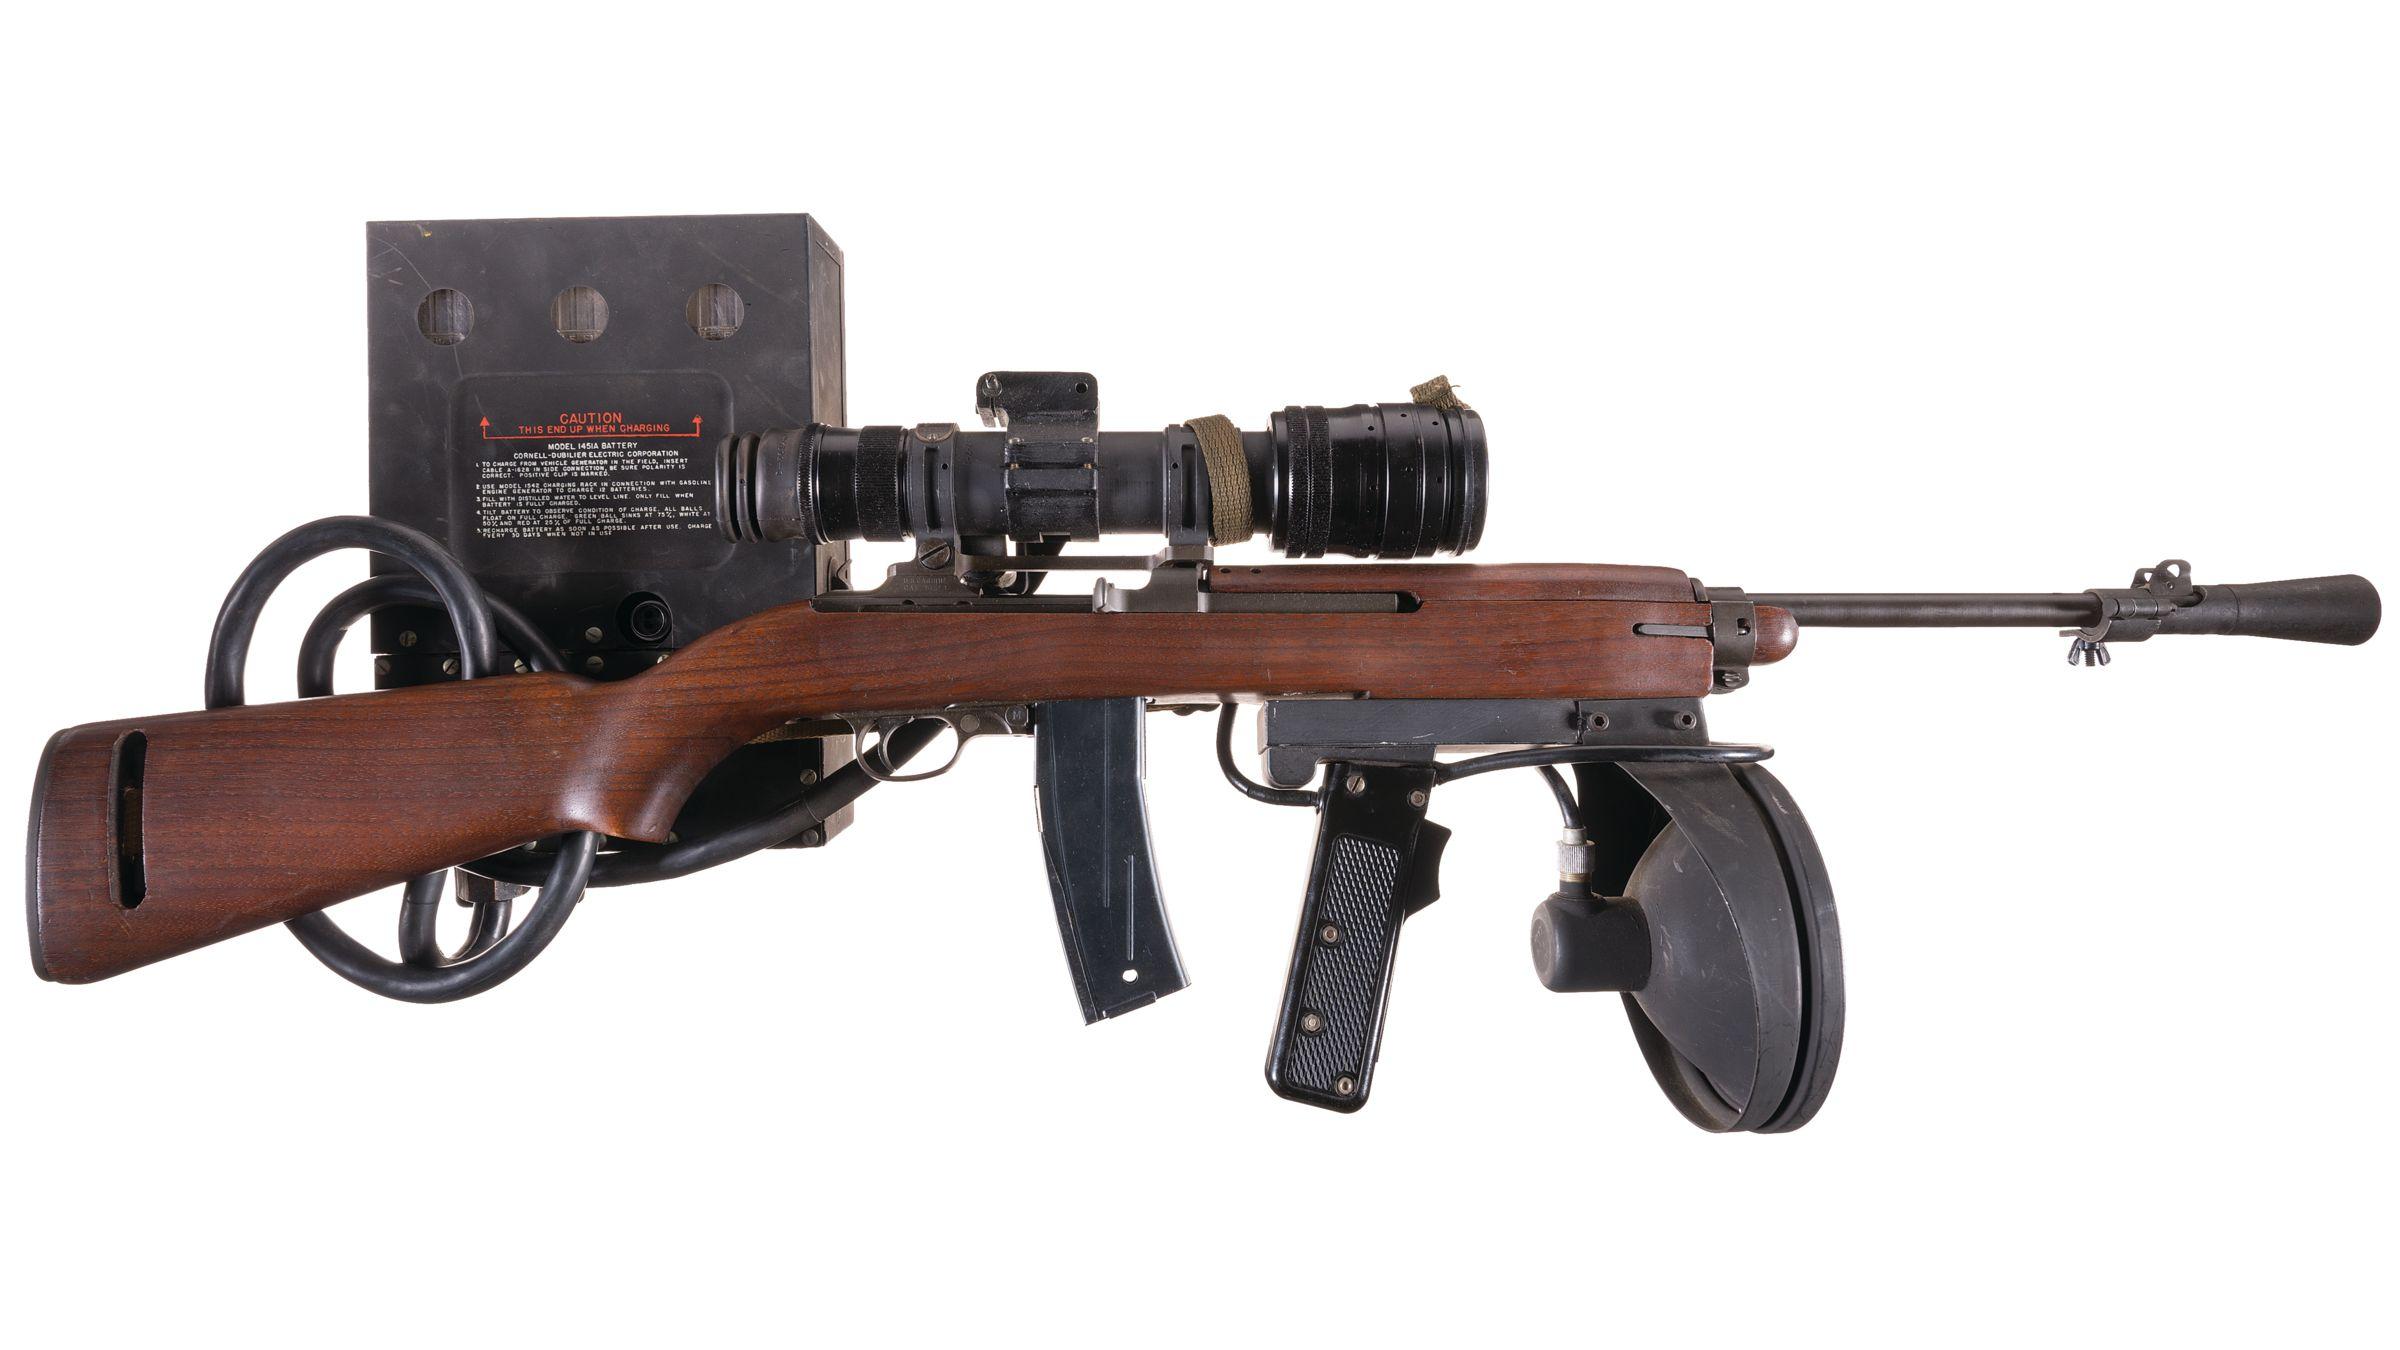 U S  Inland T3 Carbine with M2 Infrared Sniper Scope